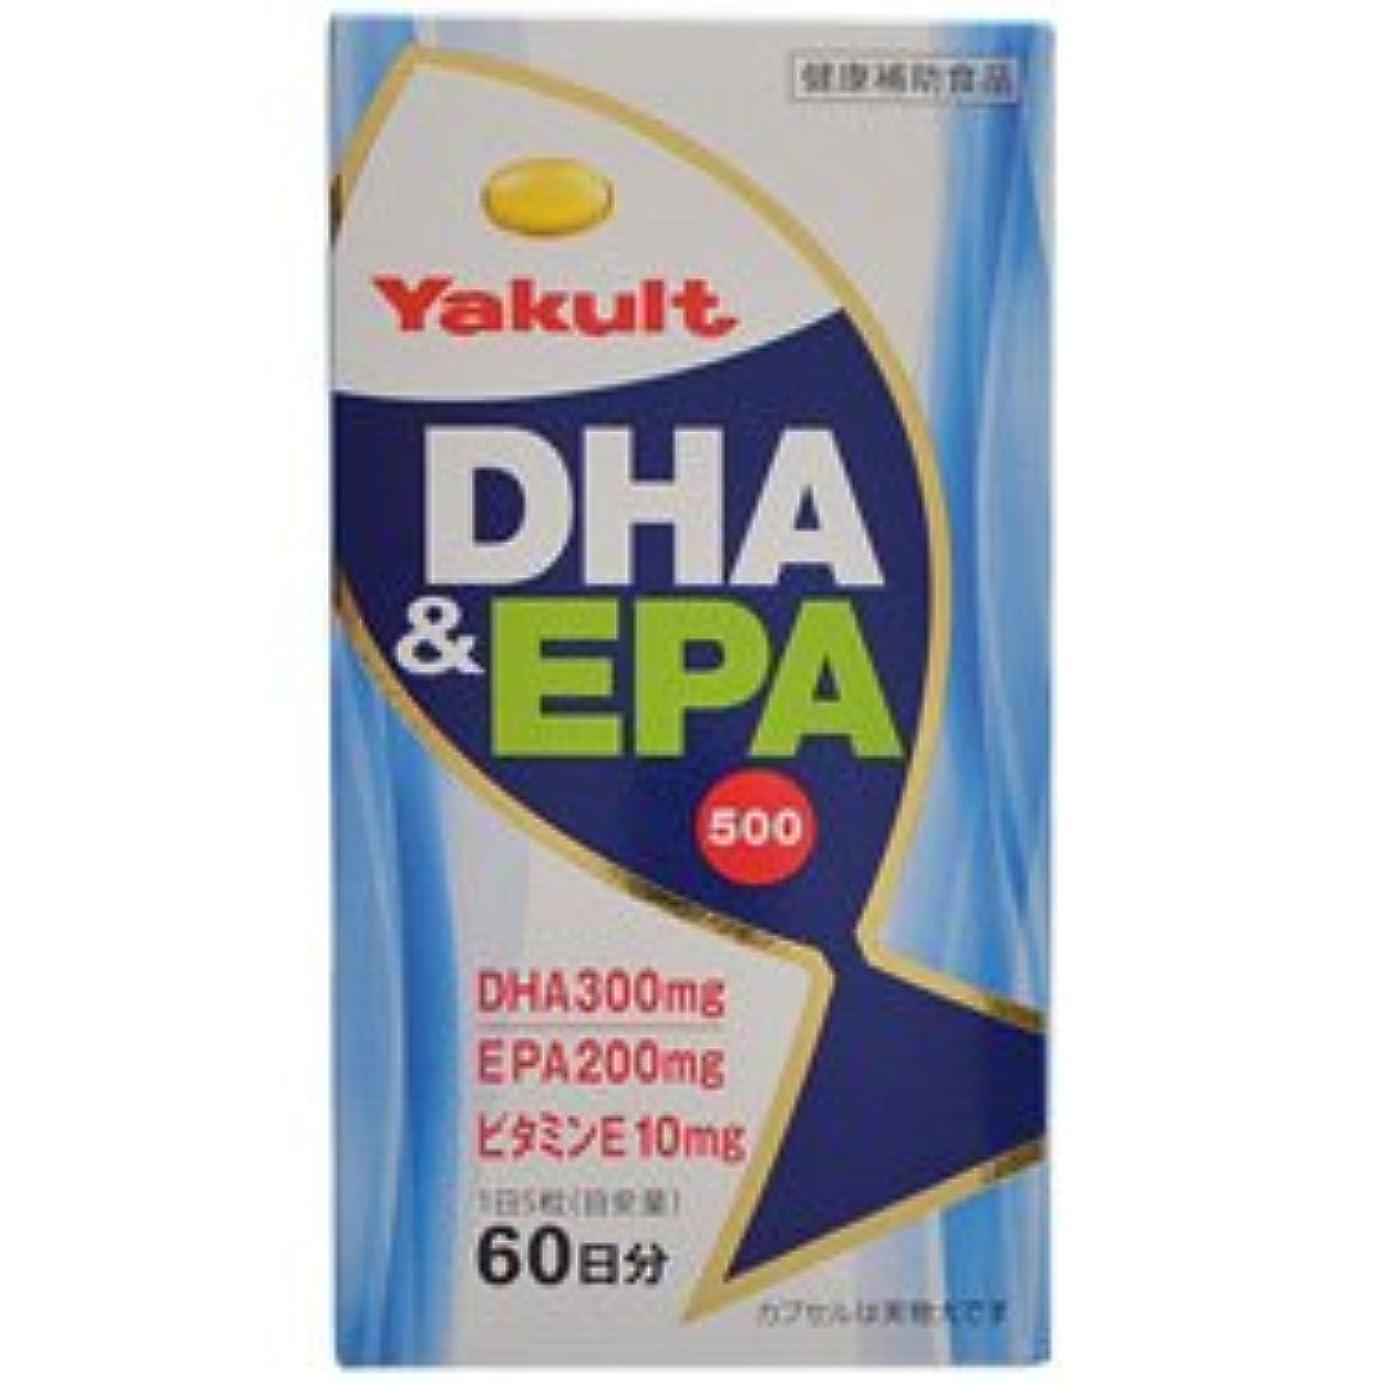 聞くスツール逸脱【ヤクルトヘルスフーズ】DHA&EPA 500 300粒 ×5個セット